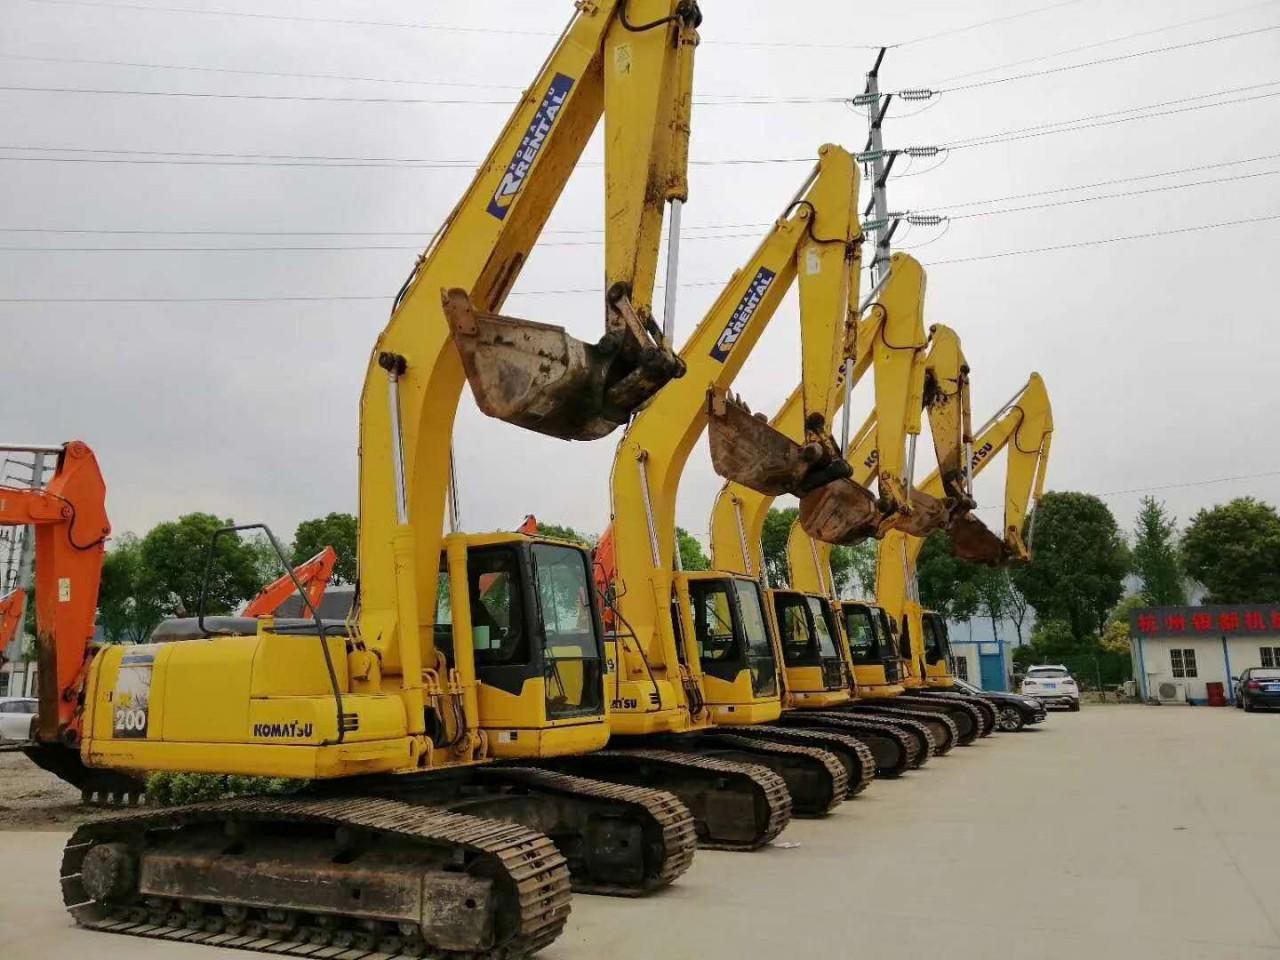 武汉二手挖掘机市场,转让二手PC200、220、240挖掘机,支持分期,机况包好